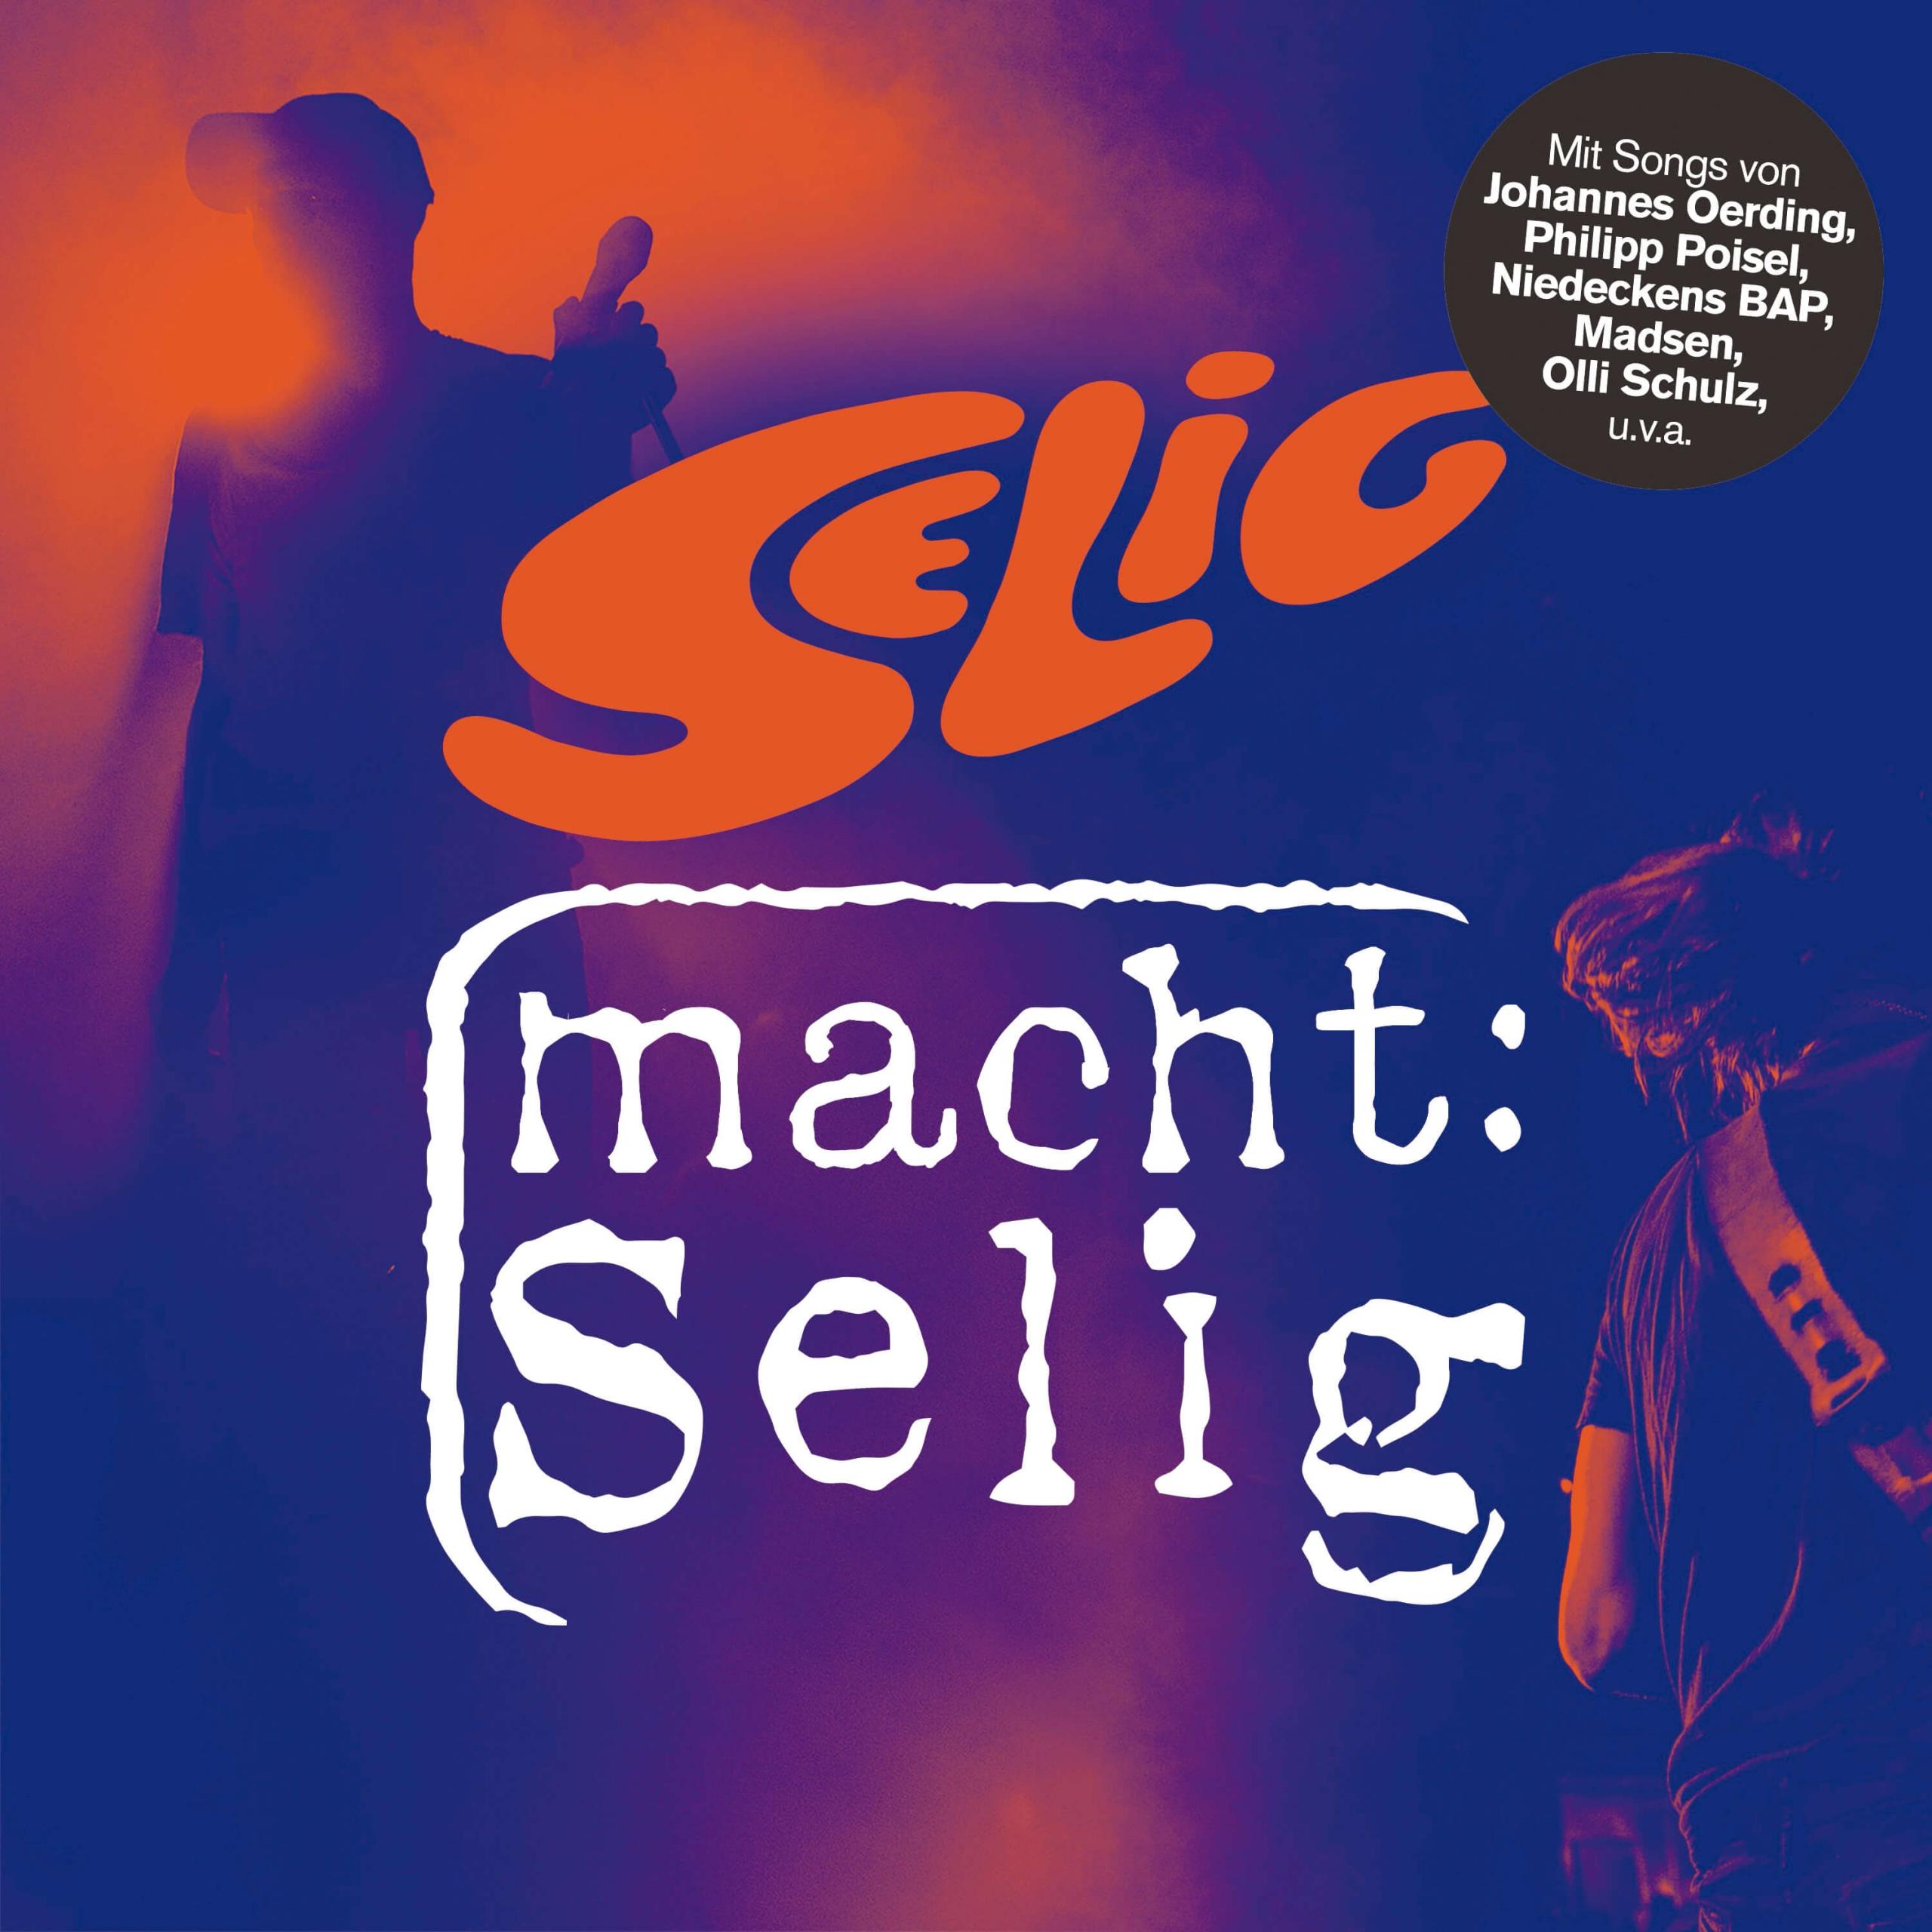 SELIG mach SELIG Album Artwork